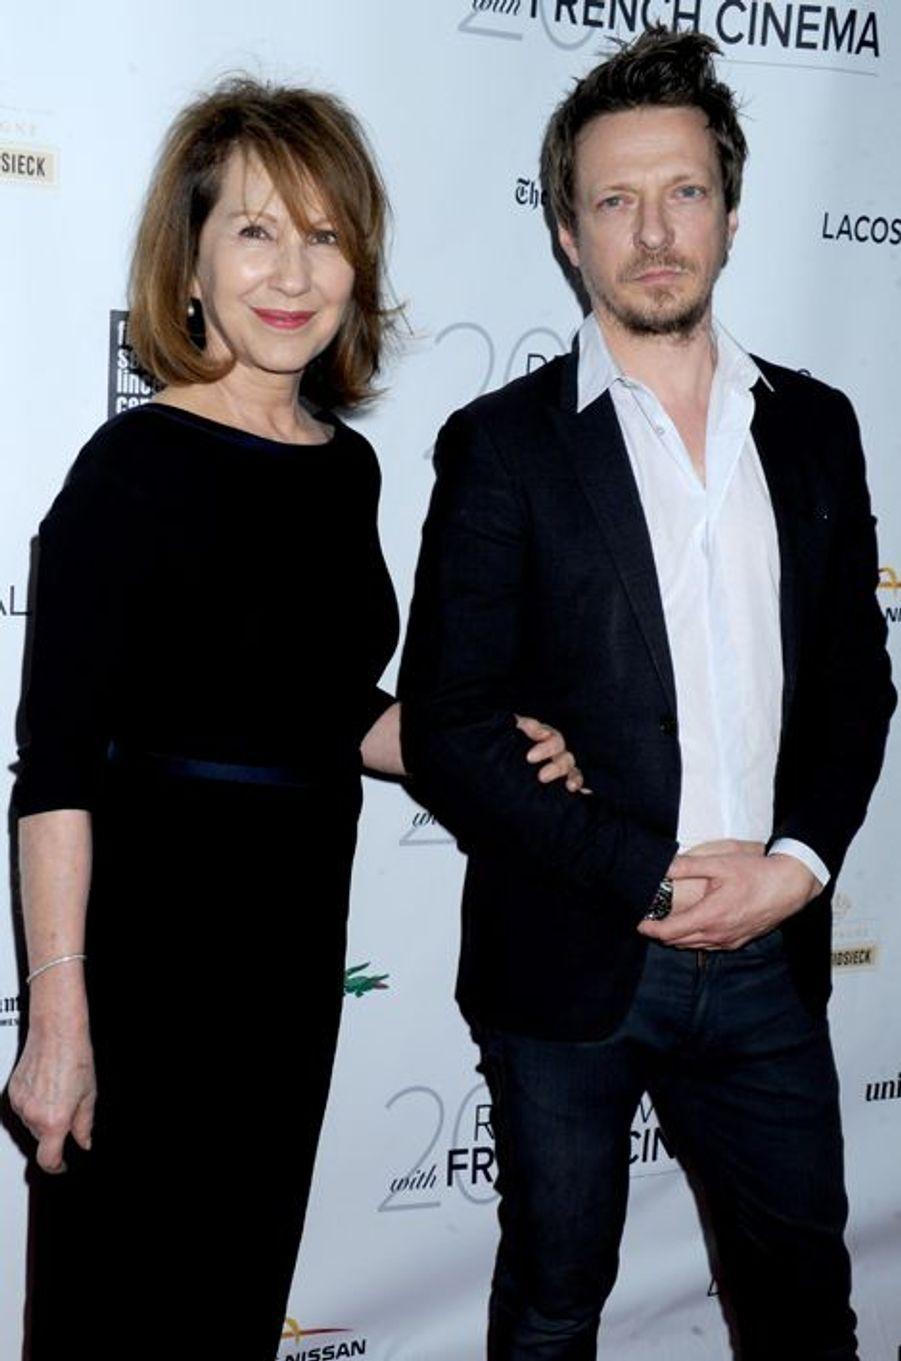 Nathalie Baye et Frédéric Tellier à la première aux USA de «Trois cœurs» à New York, le 6 mars 2015